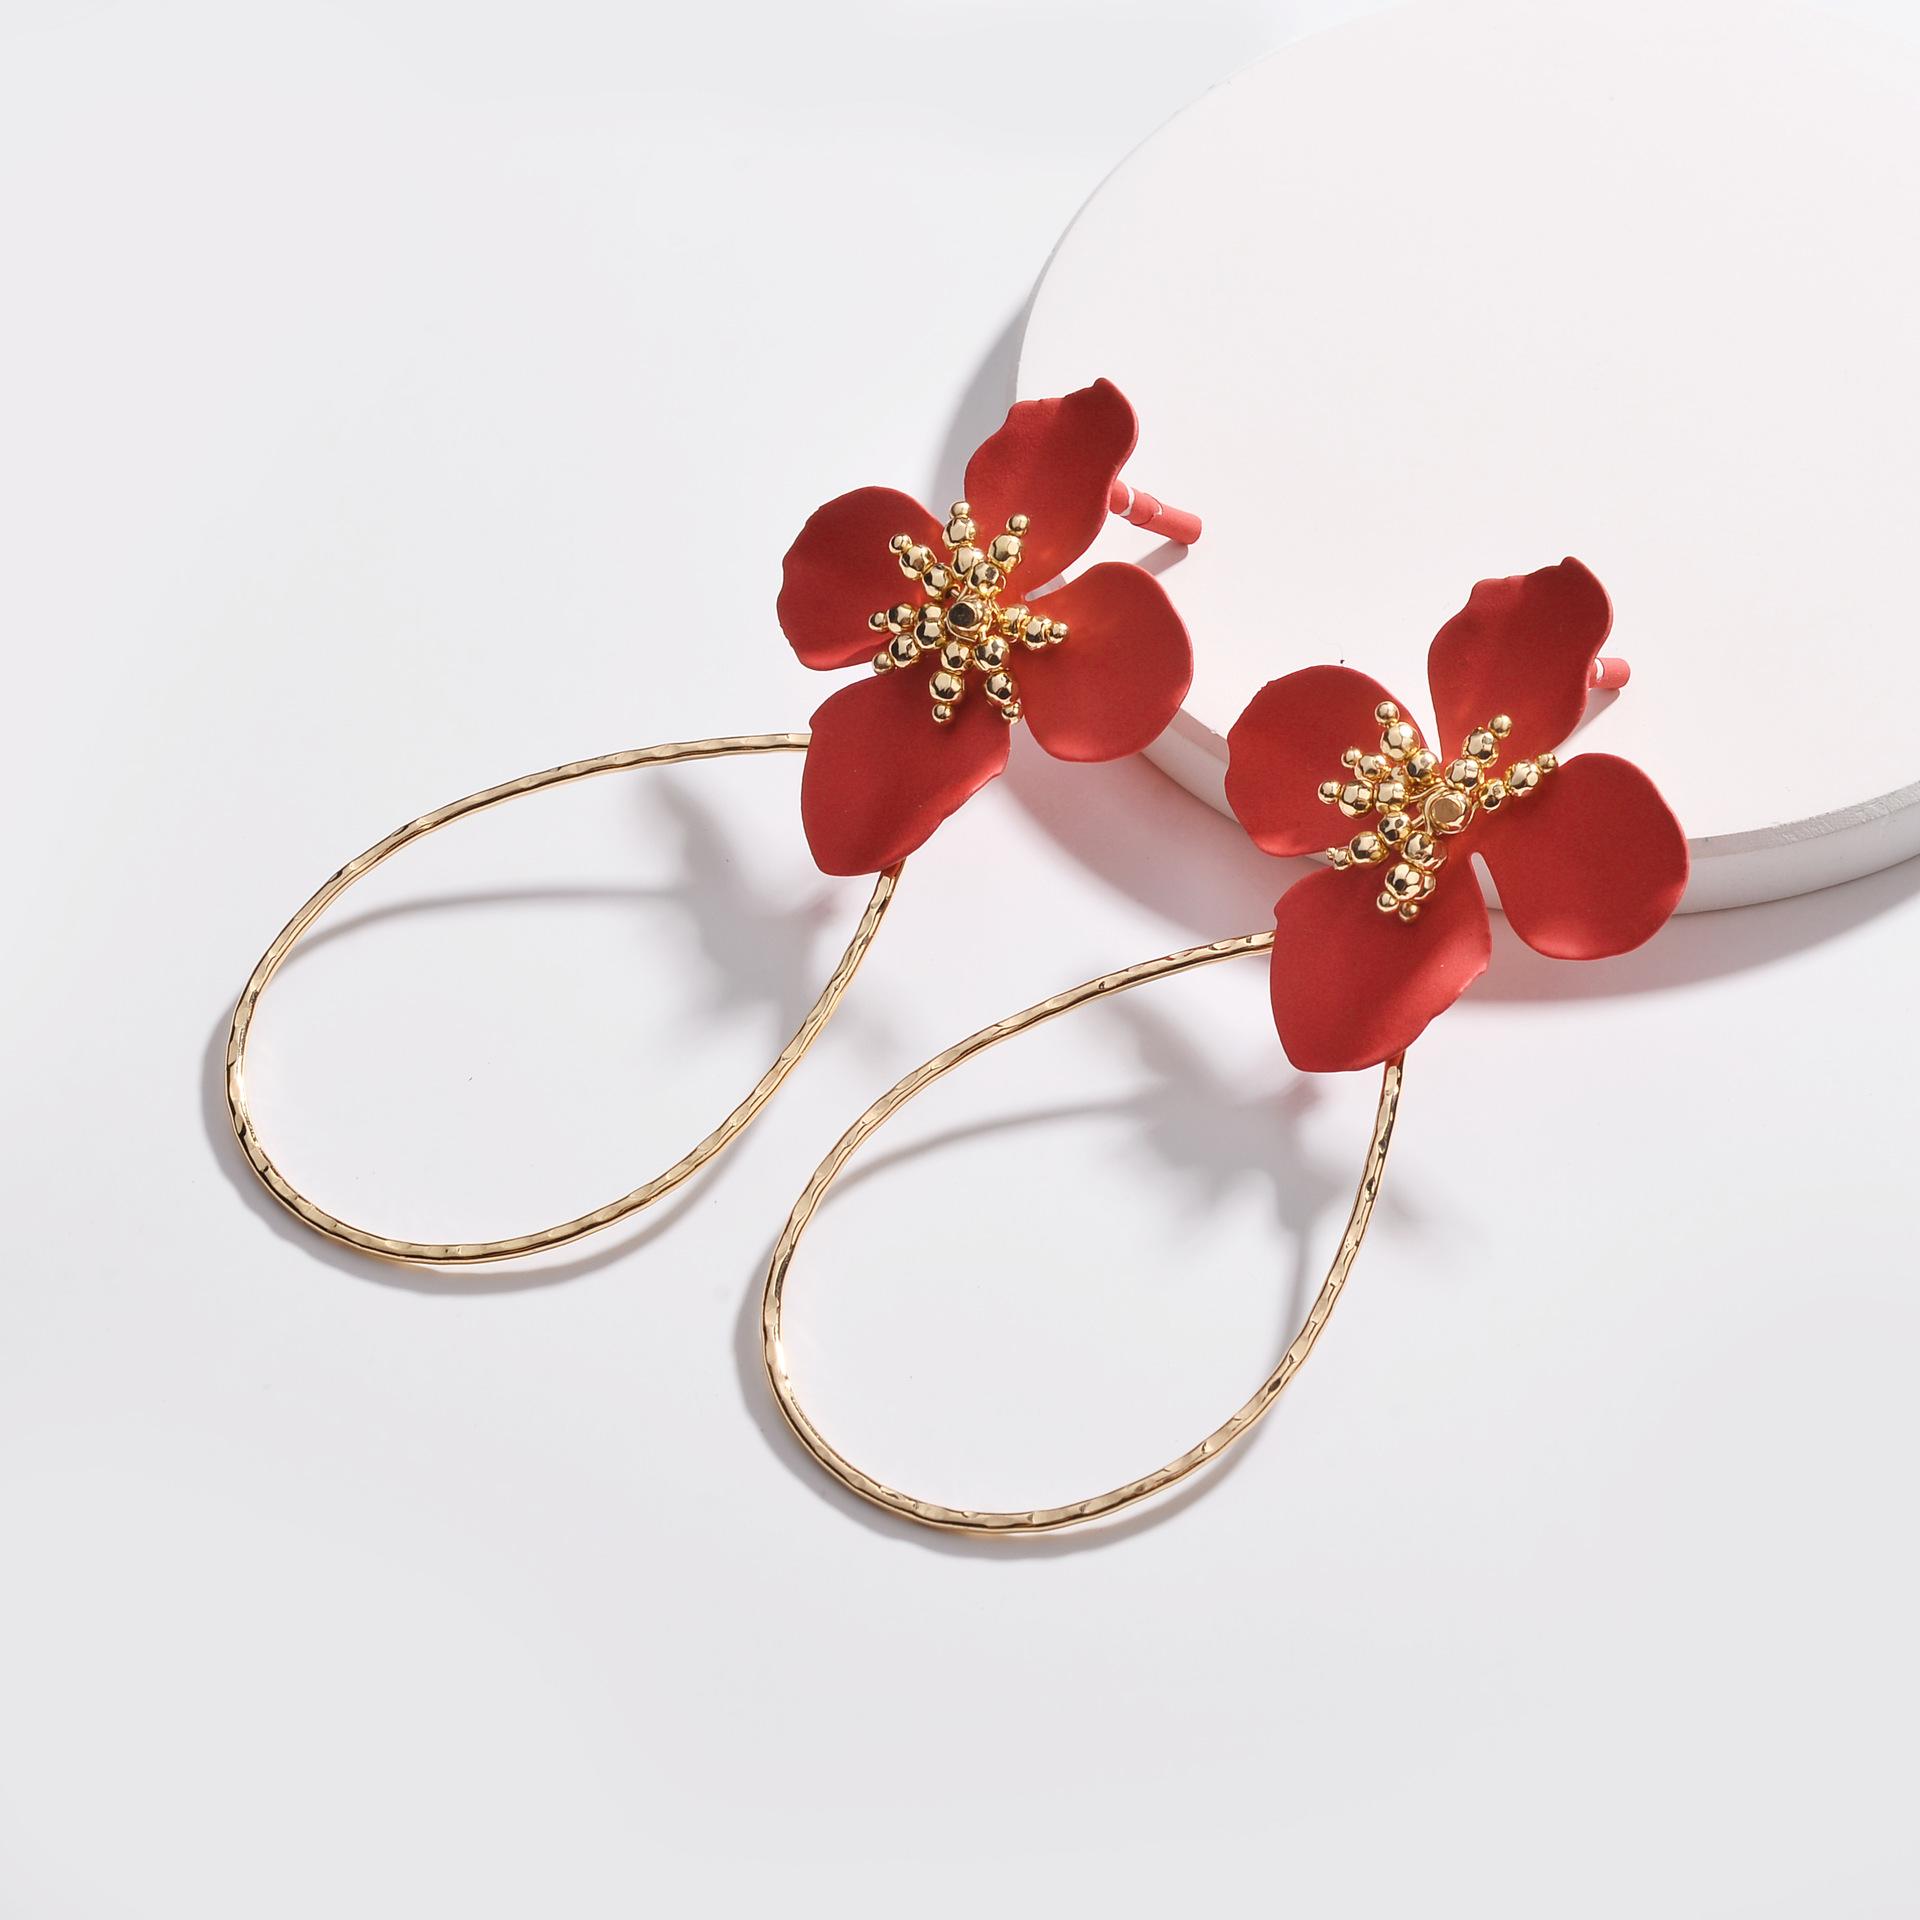 2019 New Hot Sale Newest Design 10CM Long Style Red Flower Dangle Earrings Luxury Copper Water Drop Circle Big Flower Earrings фото